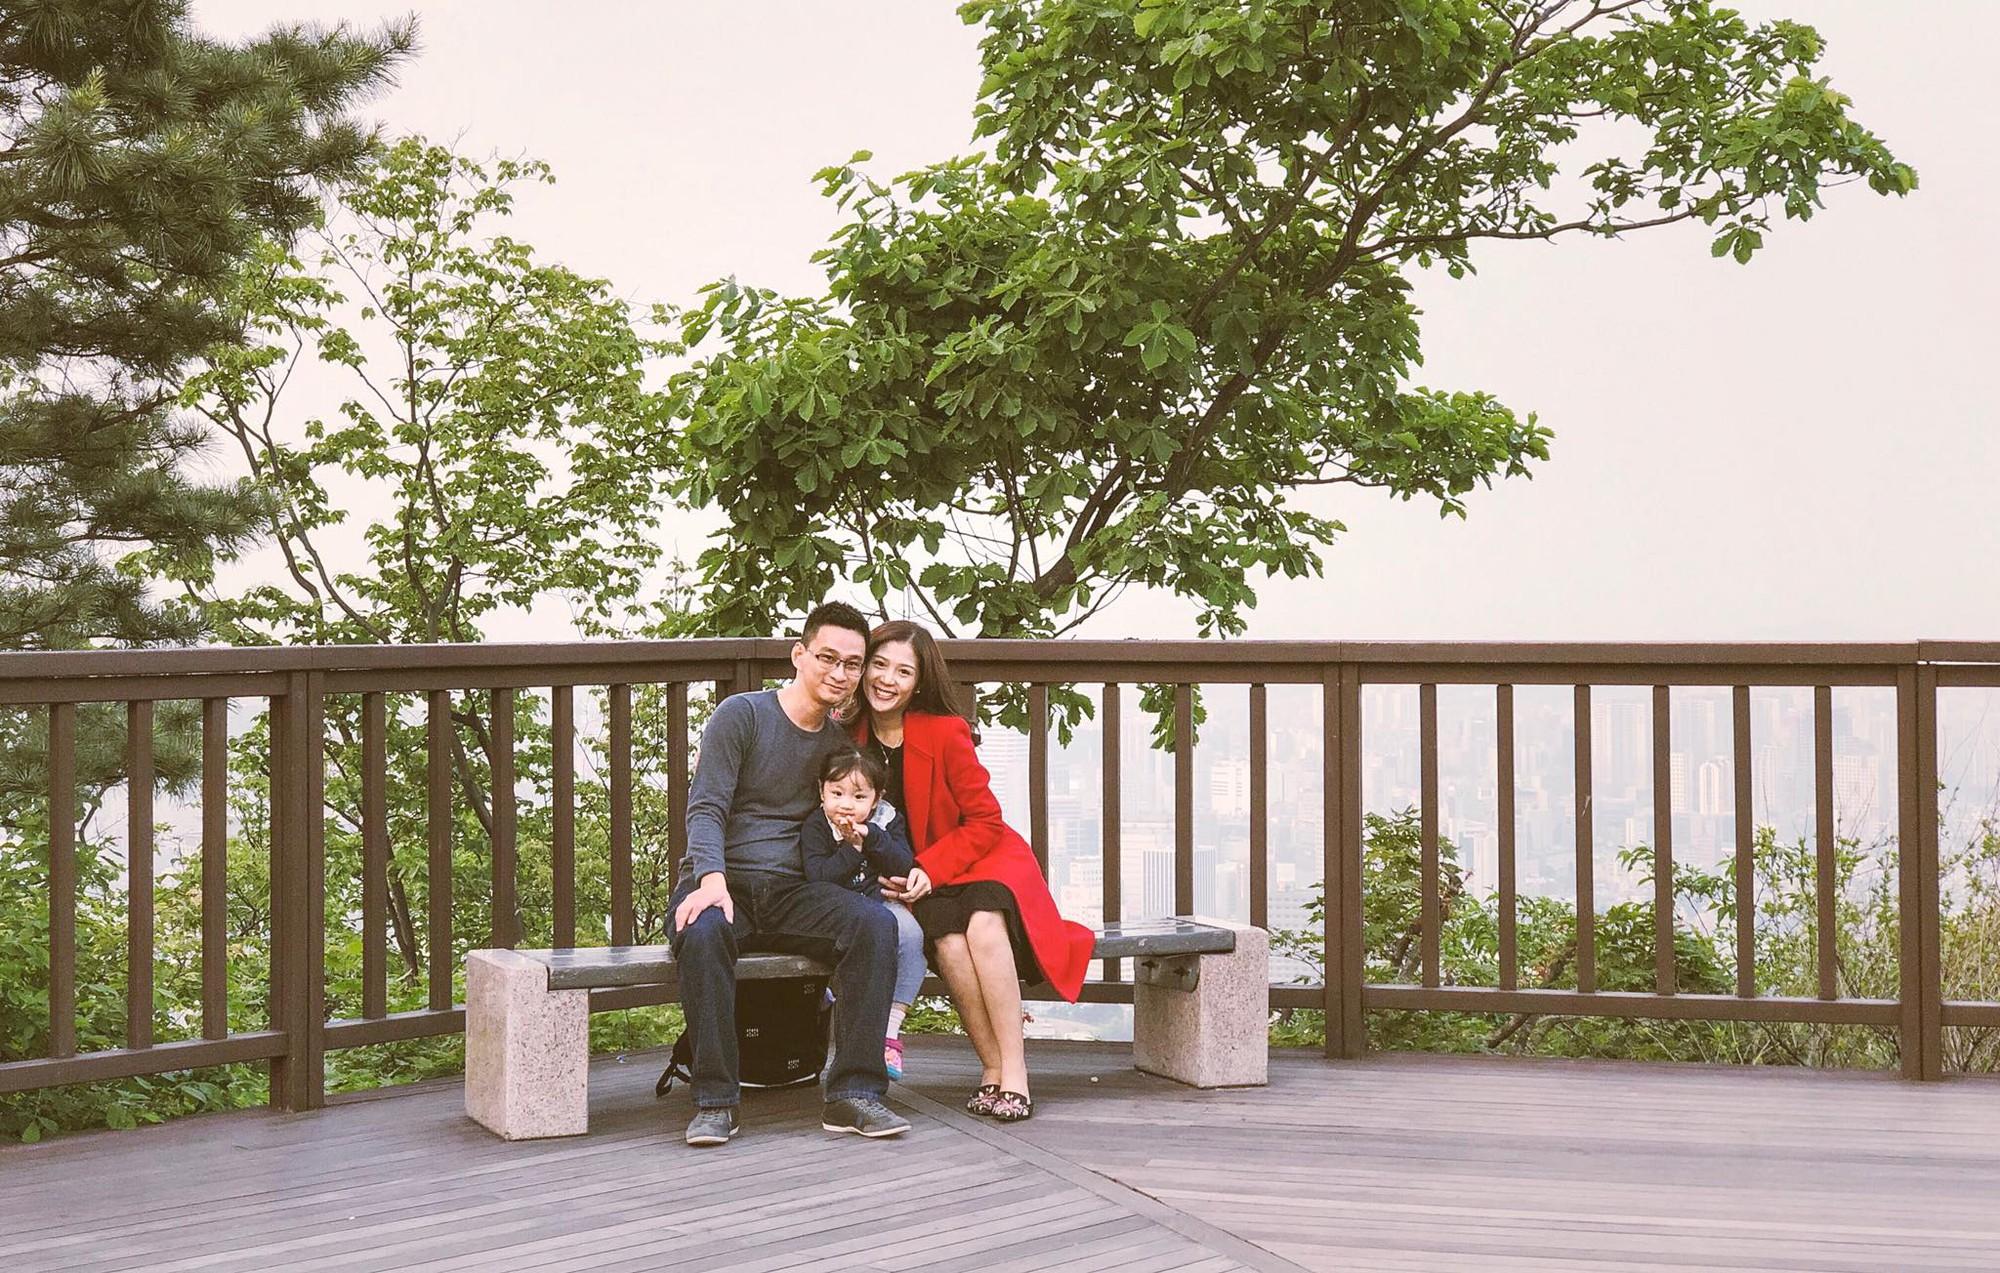 Nàng Hoa hậu người Việt tại Mỹ chia sẻ bí quyết dù con bé tí hin vẫn cùng chồng đi thiên đường tình yêu Maldives lãng mạn - Ảnh 8.